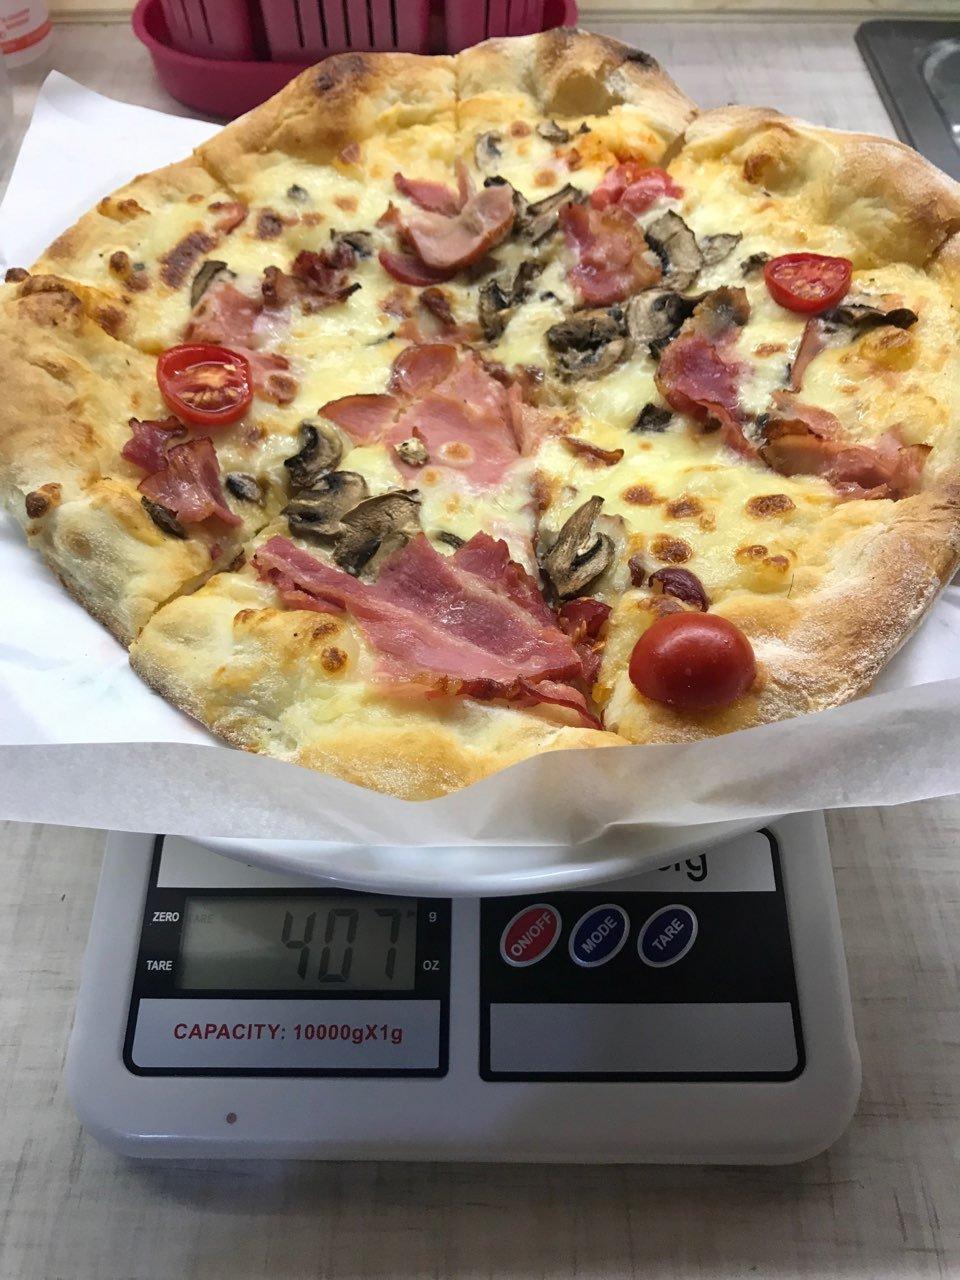 MAFIA - Згоревшая пицца и недовес,это дно!!!